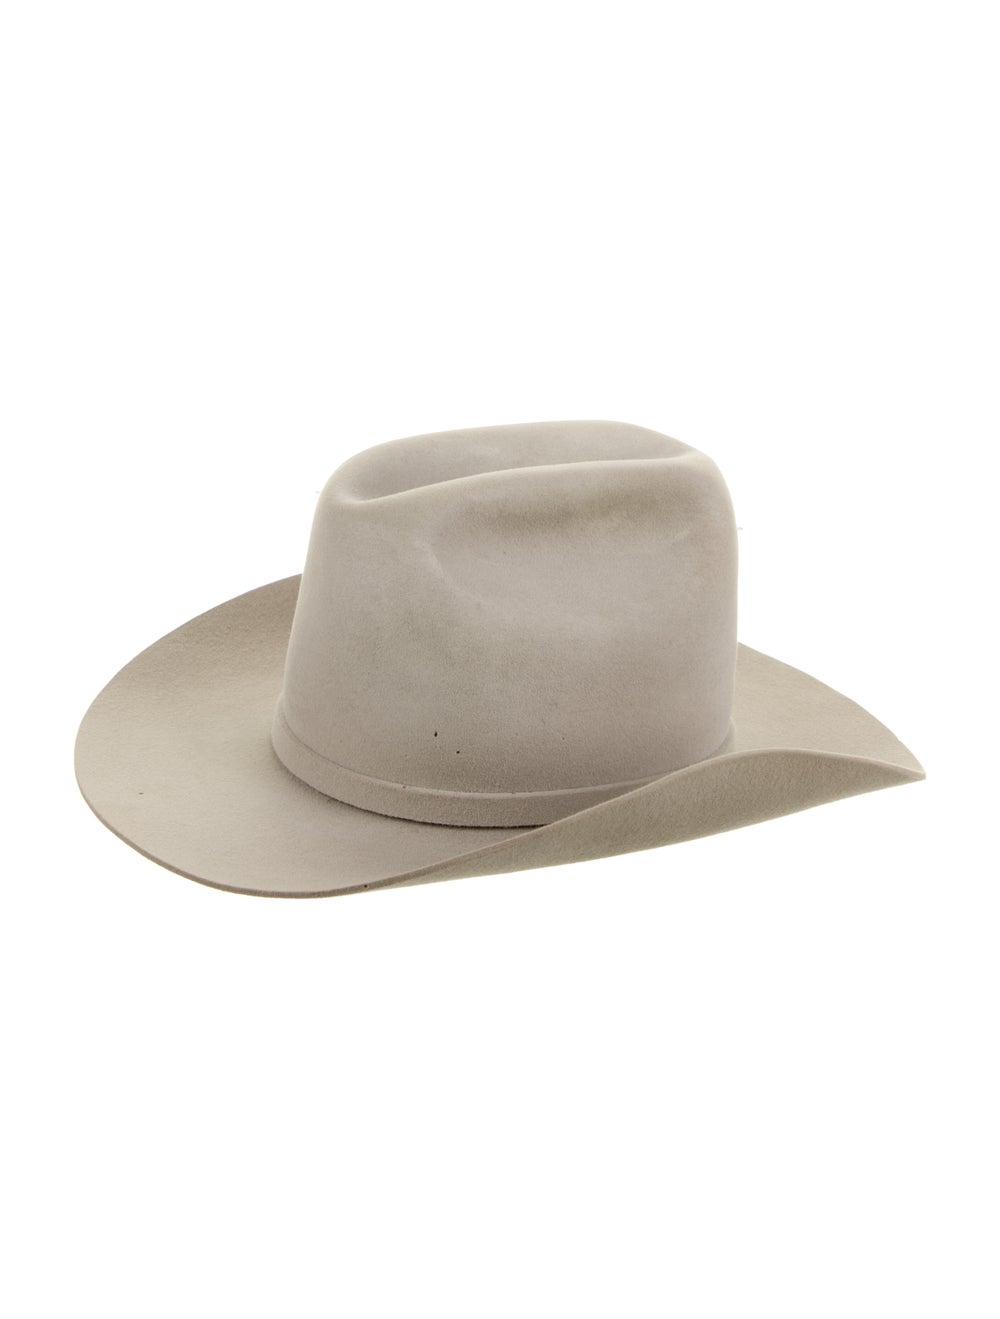 Stetson Wide Brim Hat grey - image 2